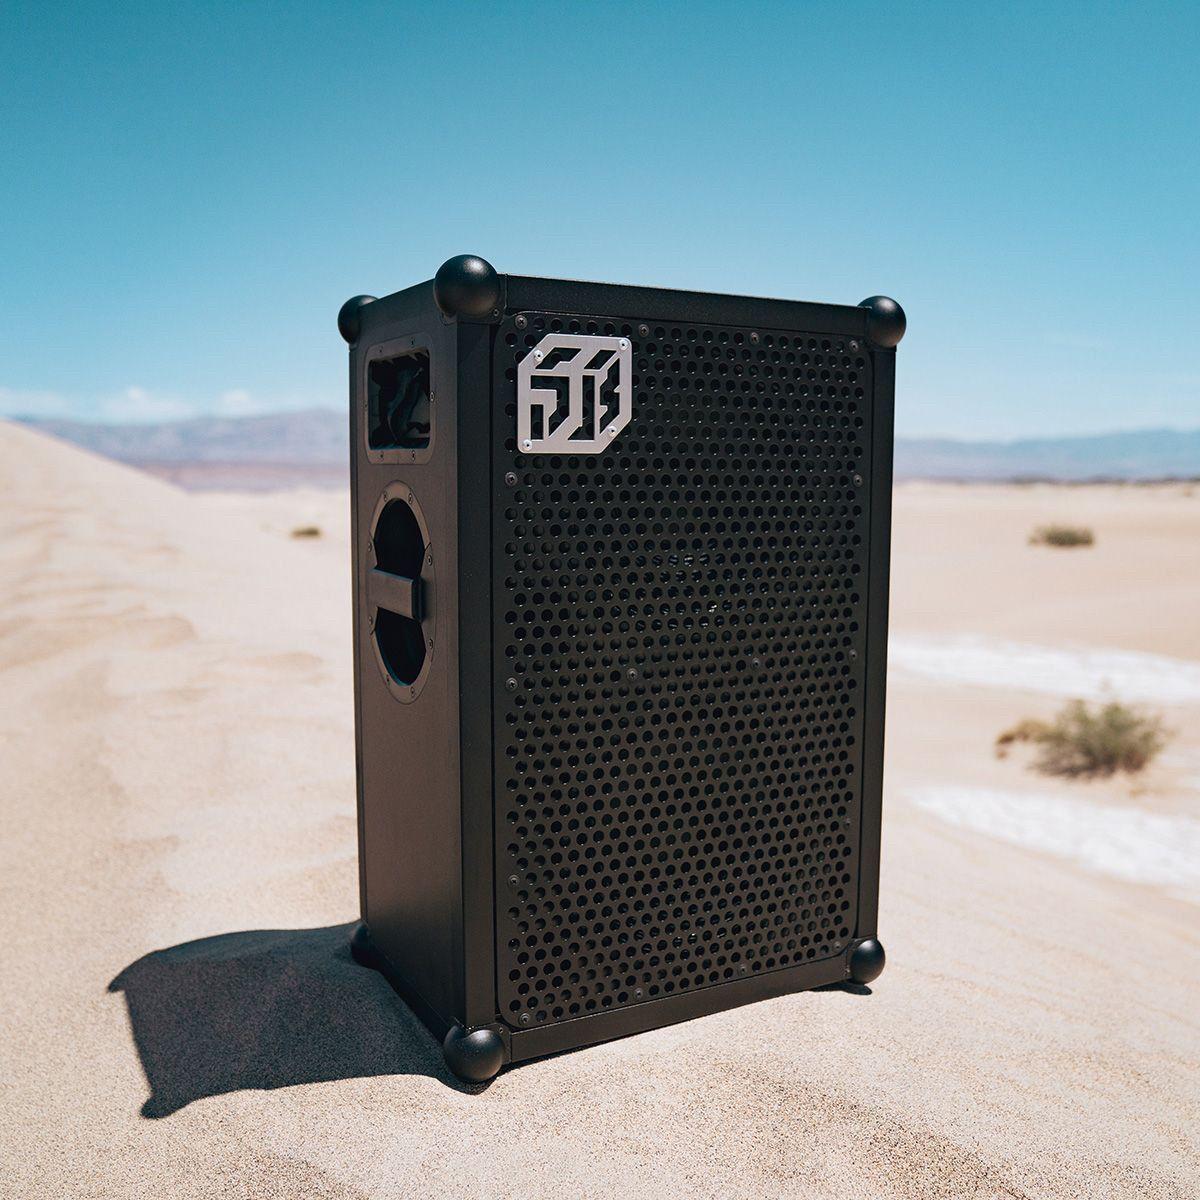 Soundboks 2 til utleie (1 2 stk) med mikrofon   FINN.no